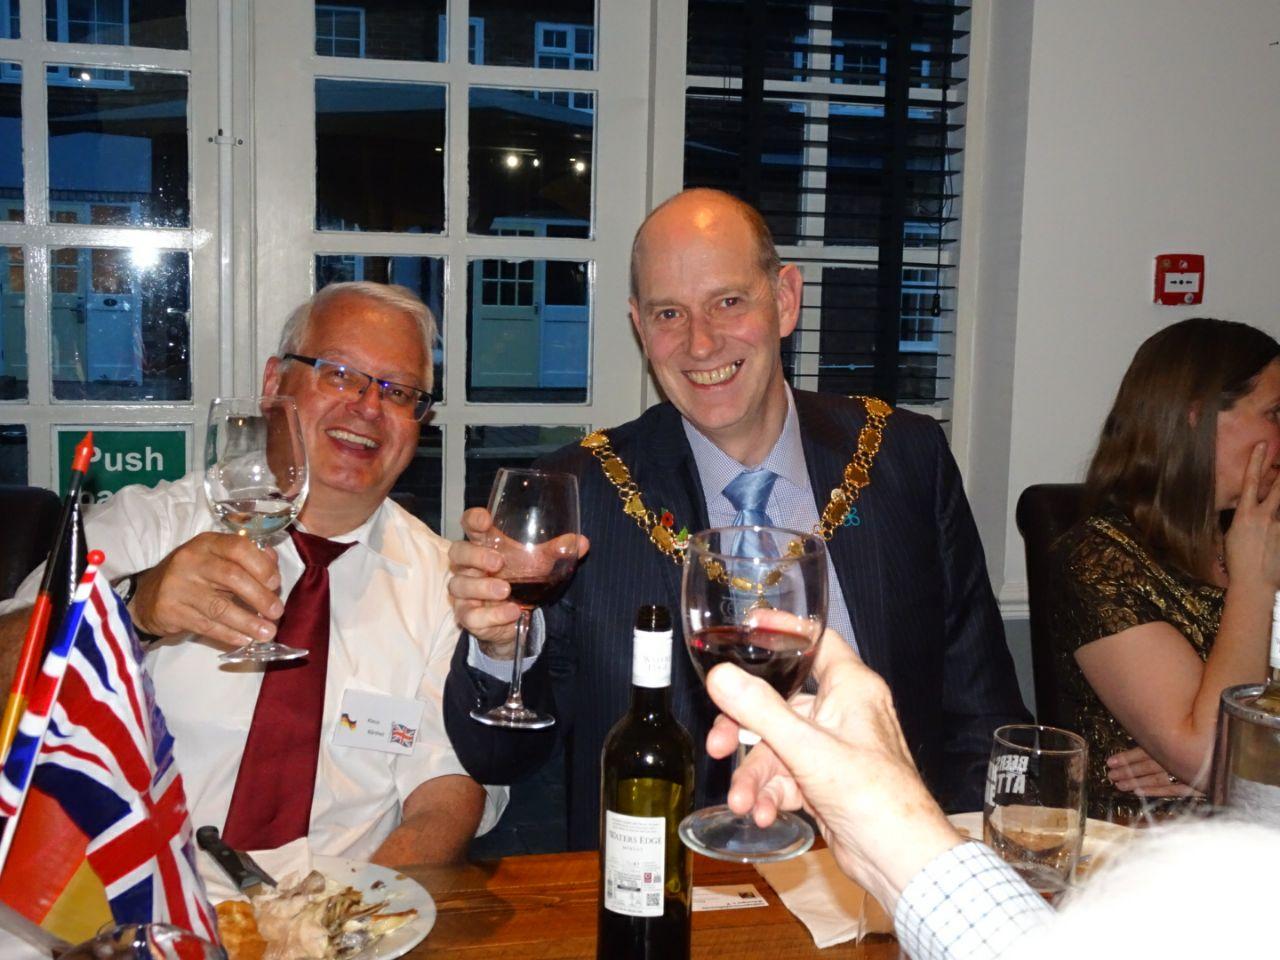 Klaus Bärthel und der Bürgermeister von Evesham Cllr. Richard Jones